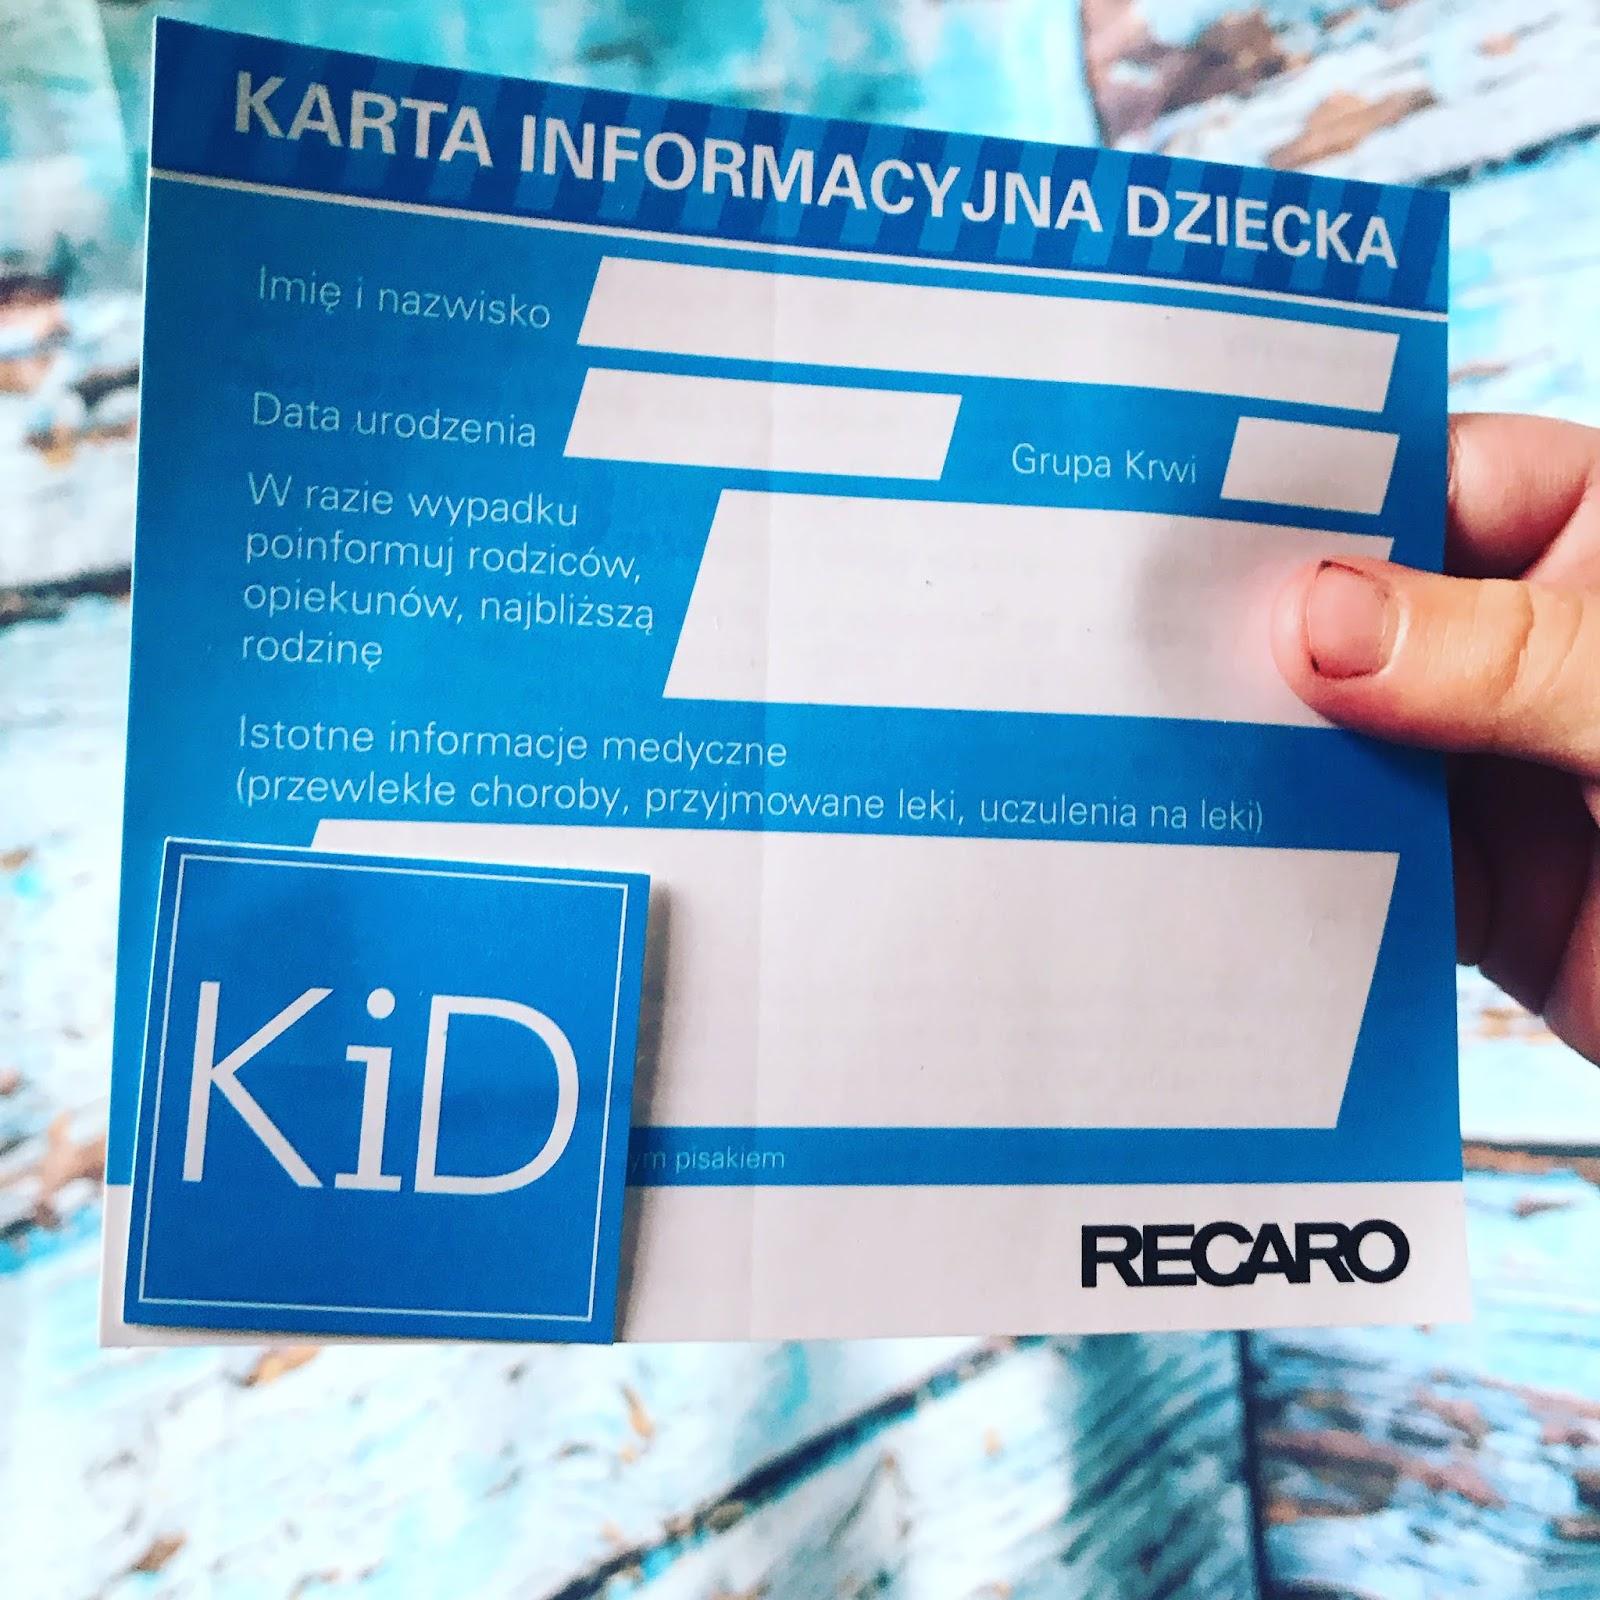 KiD Karta informacyjna Dziecka nowy standard bezpieczeństwa / Rodzicu idź i odbierz naklejkę